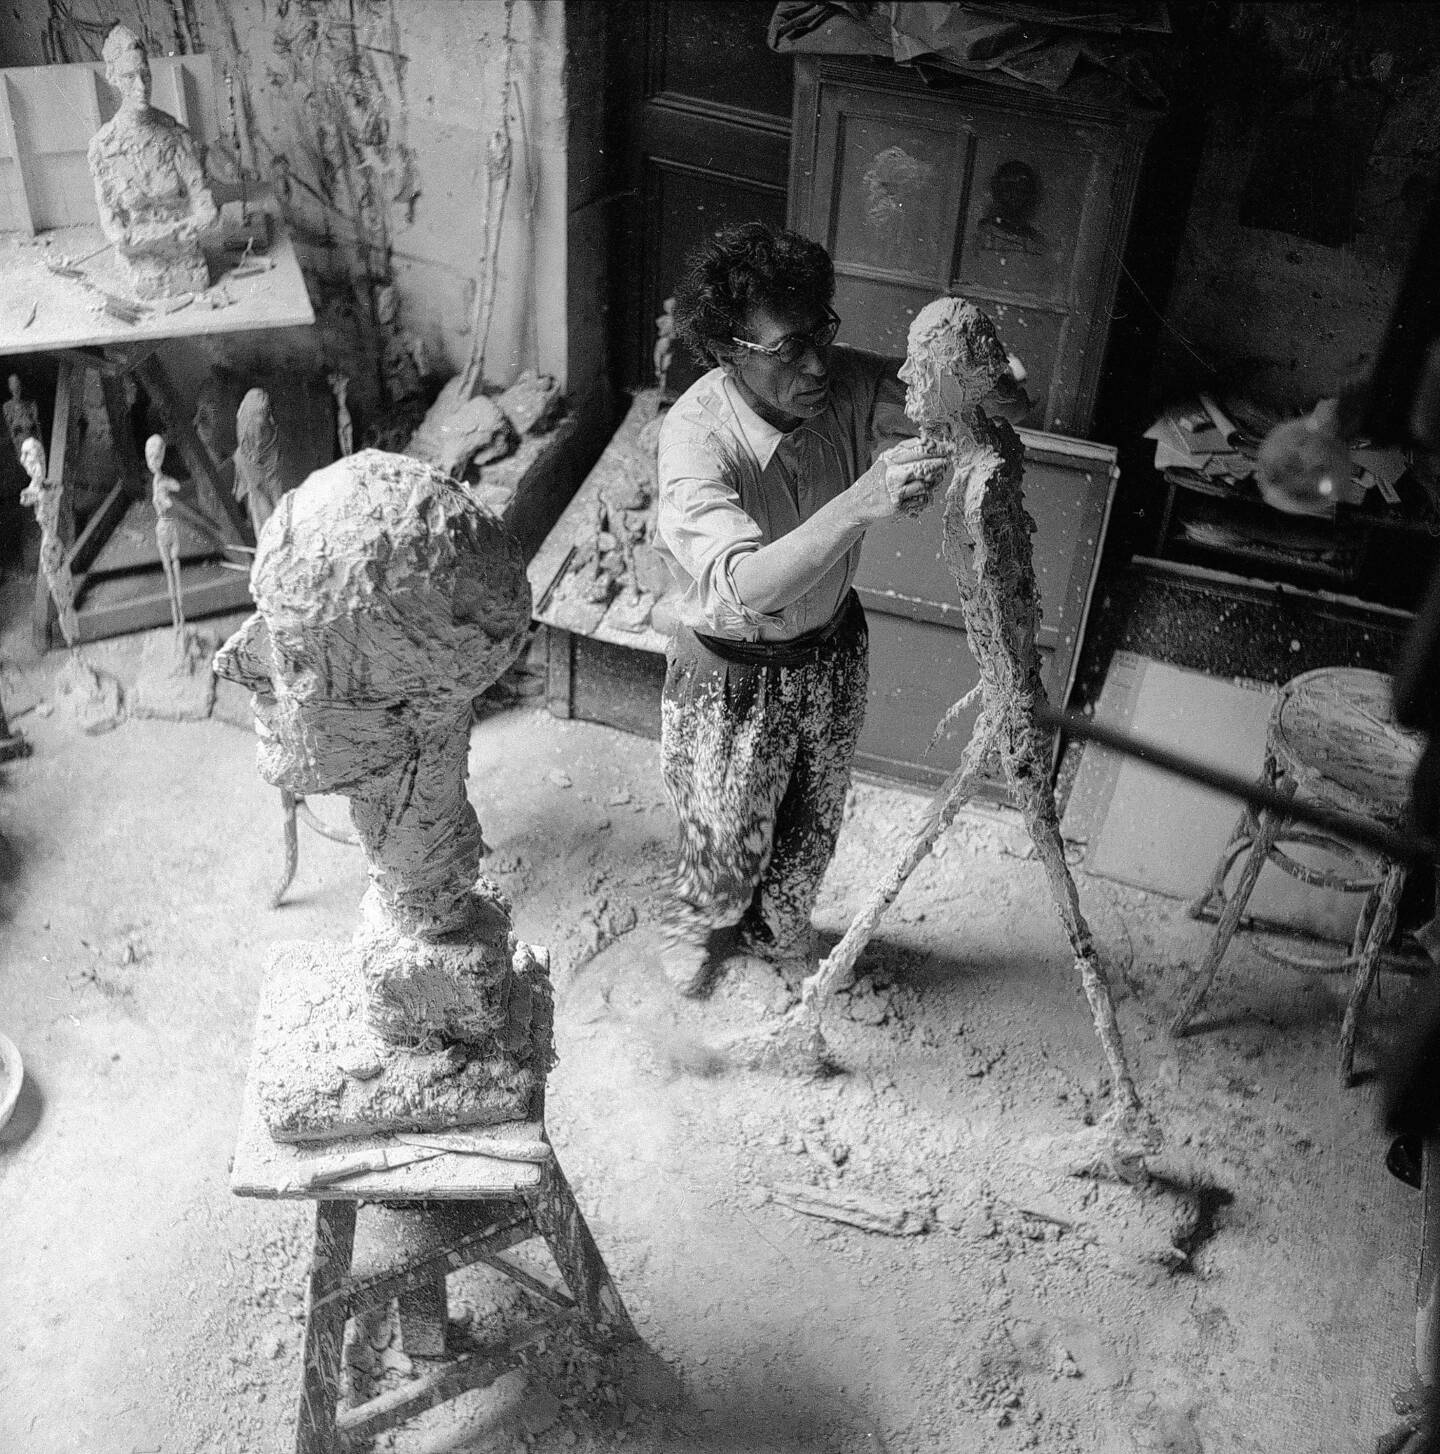 Alberto Giacometti travaillant au plâtre de l'Homme qui marche dans l'atelier, 1959.